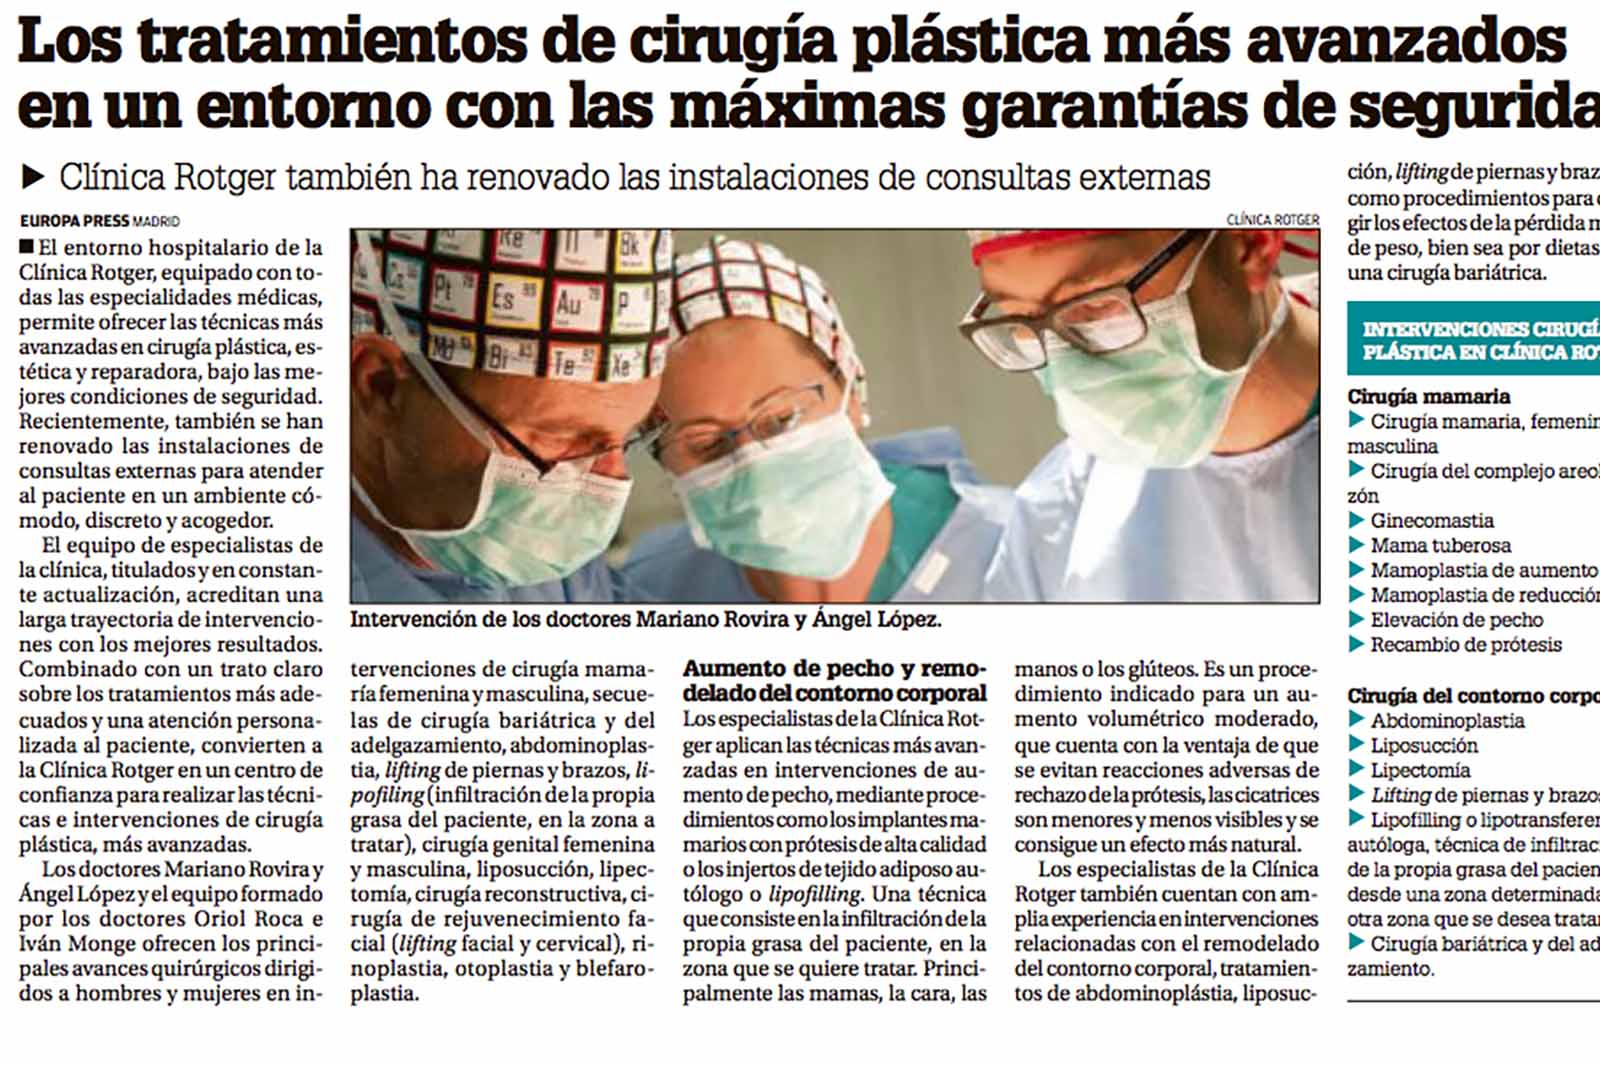 Tratamientos de Cirugía Plástica y Estética en un entorno de seguridad